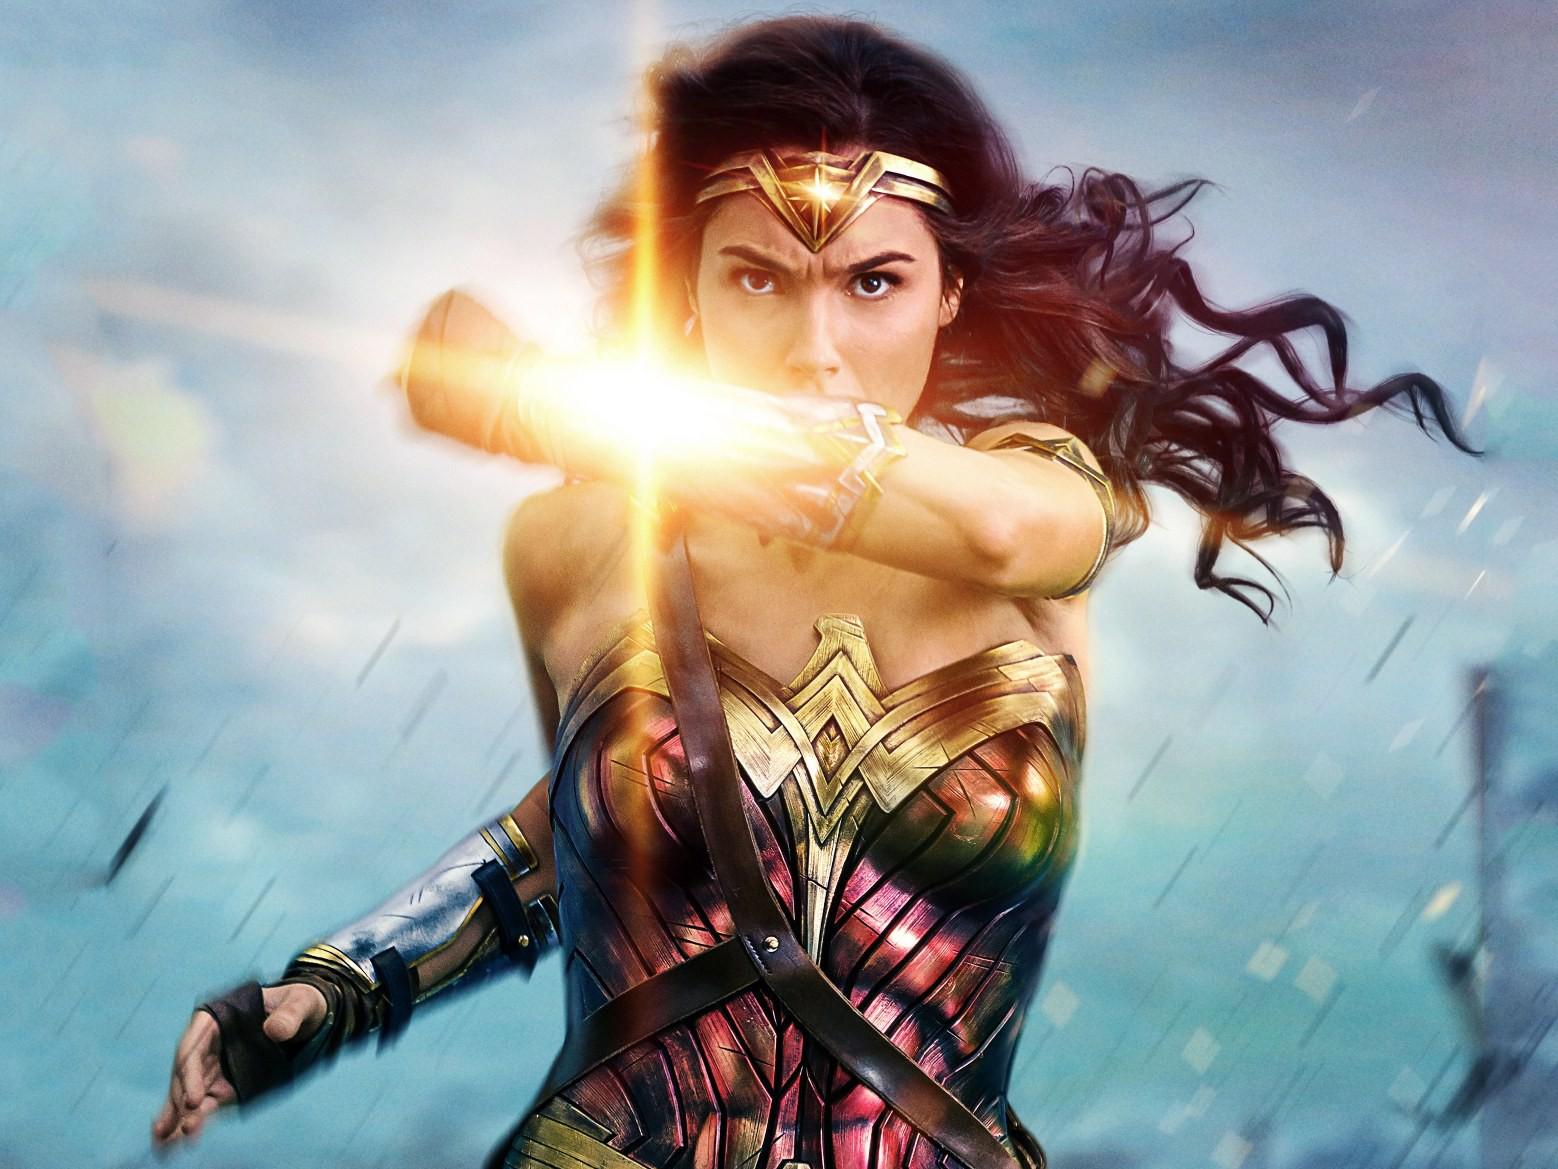 7 nữ siêu anh hùng bá đạo không kém Captain Marvel trên màn ảnh rộng - Ảnh 3.